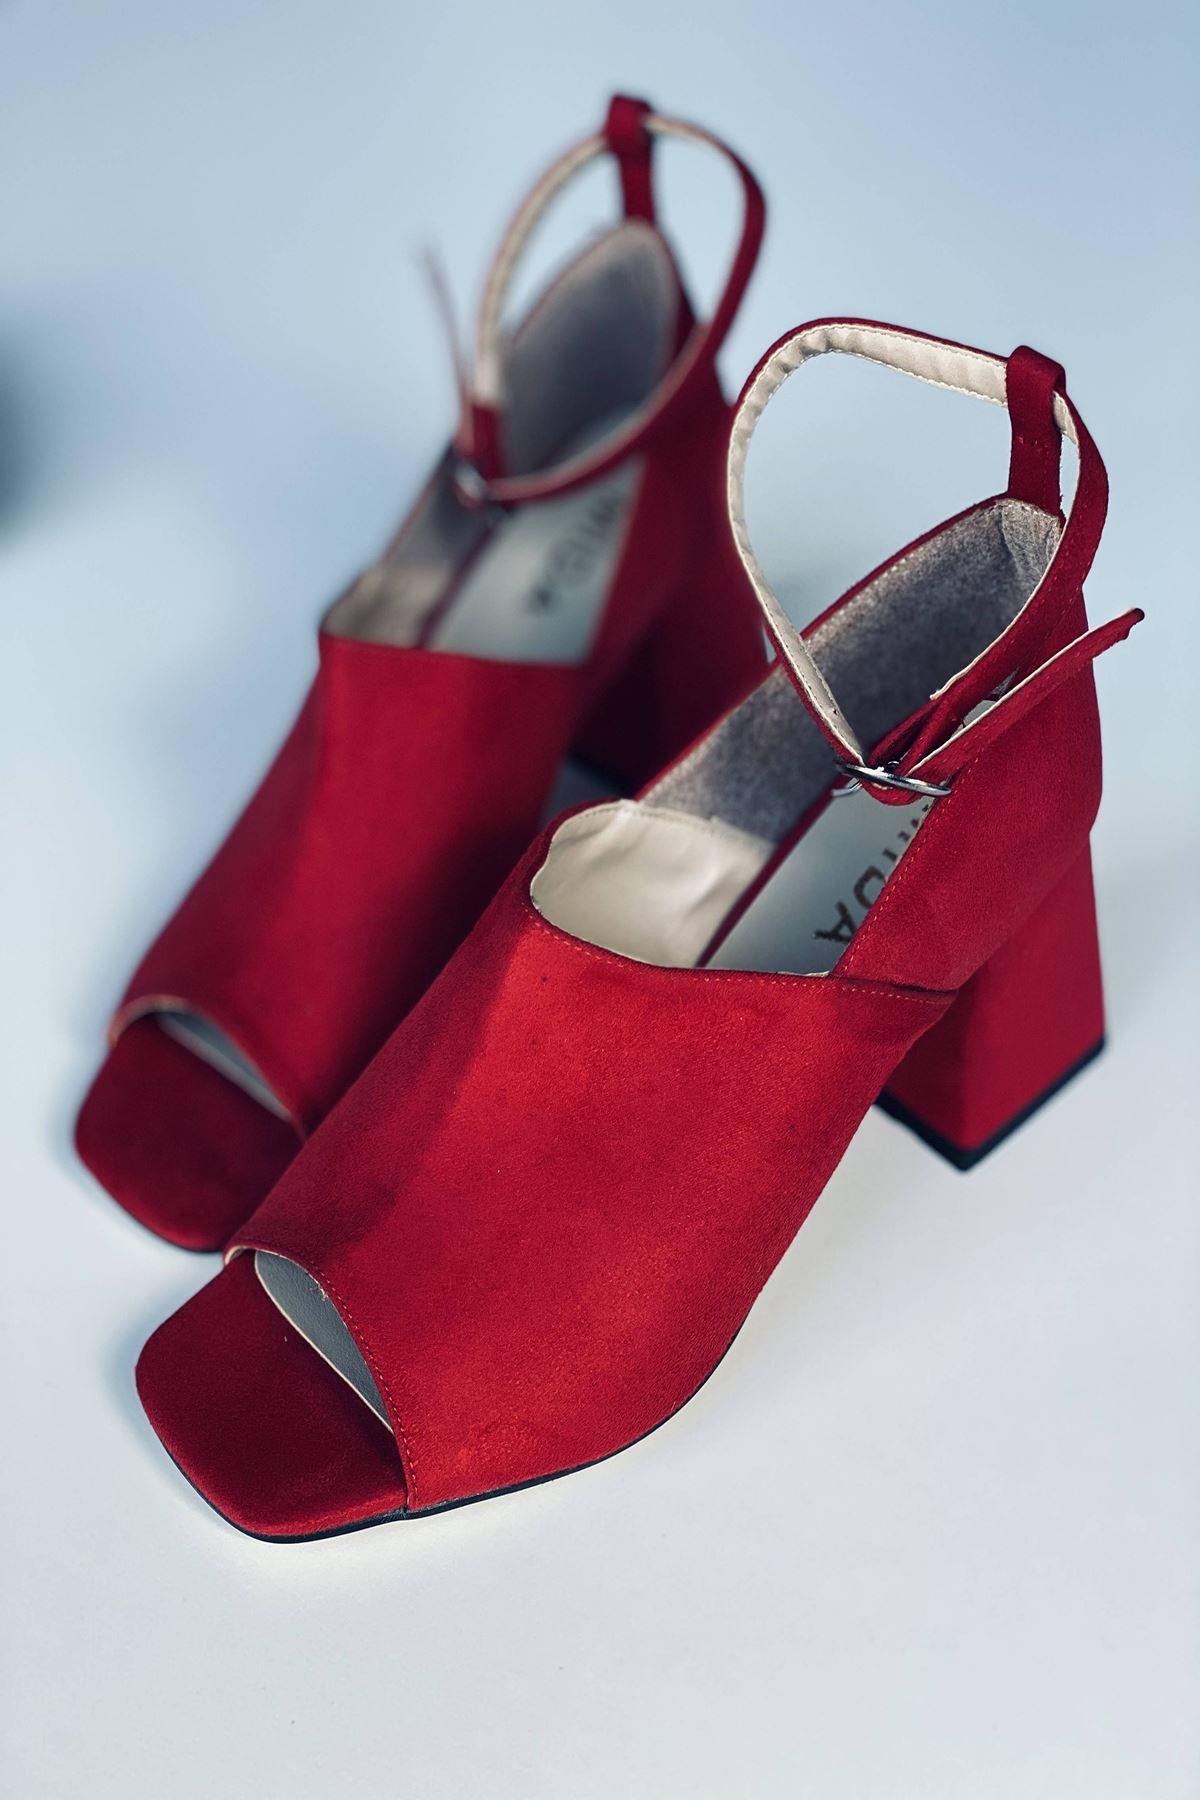 Y706 Kırmızı Süet Topuklu Ayakkabı